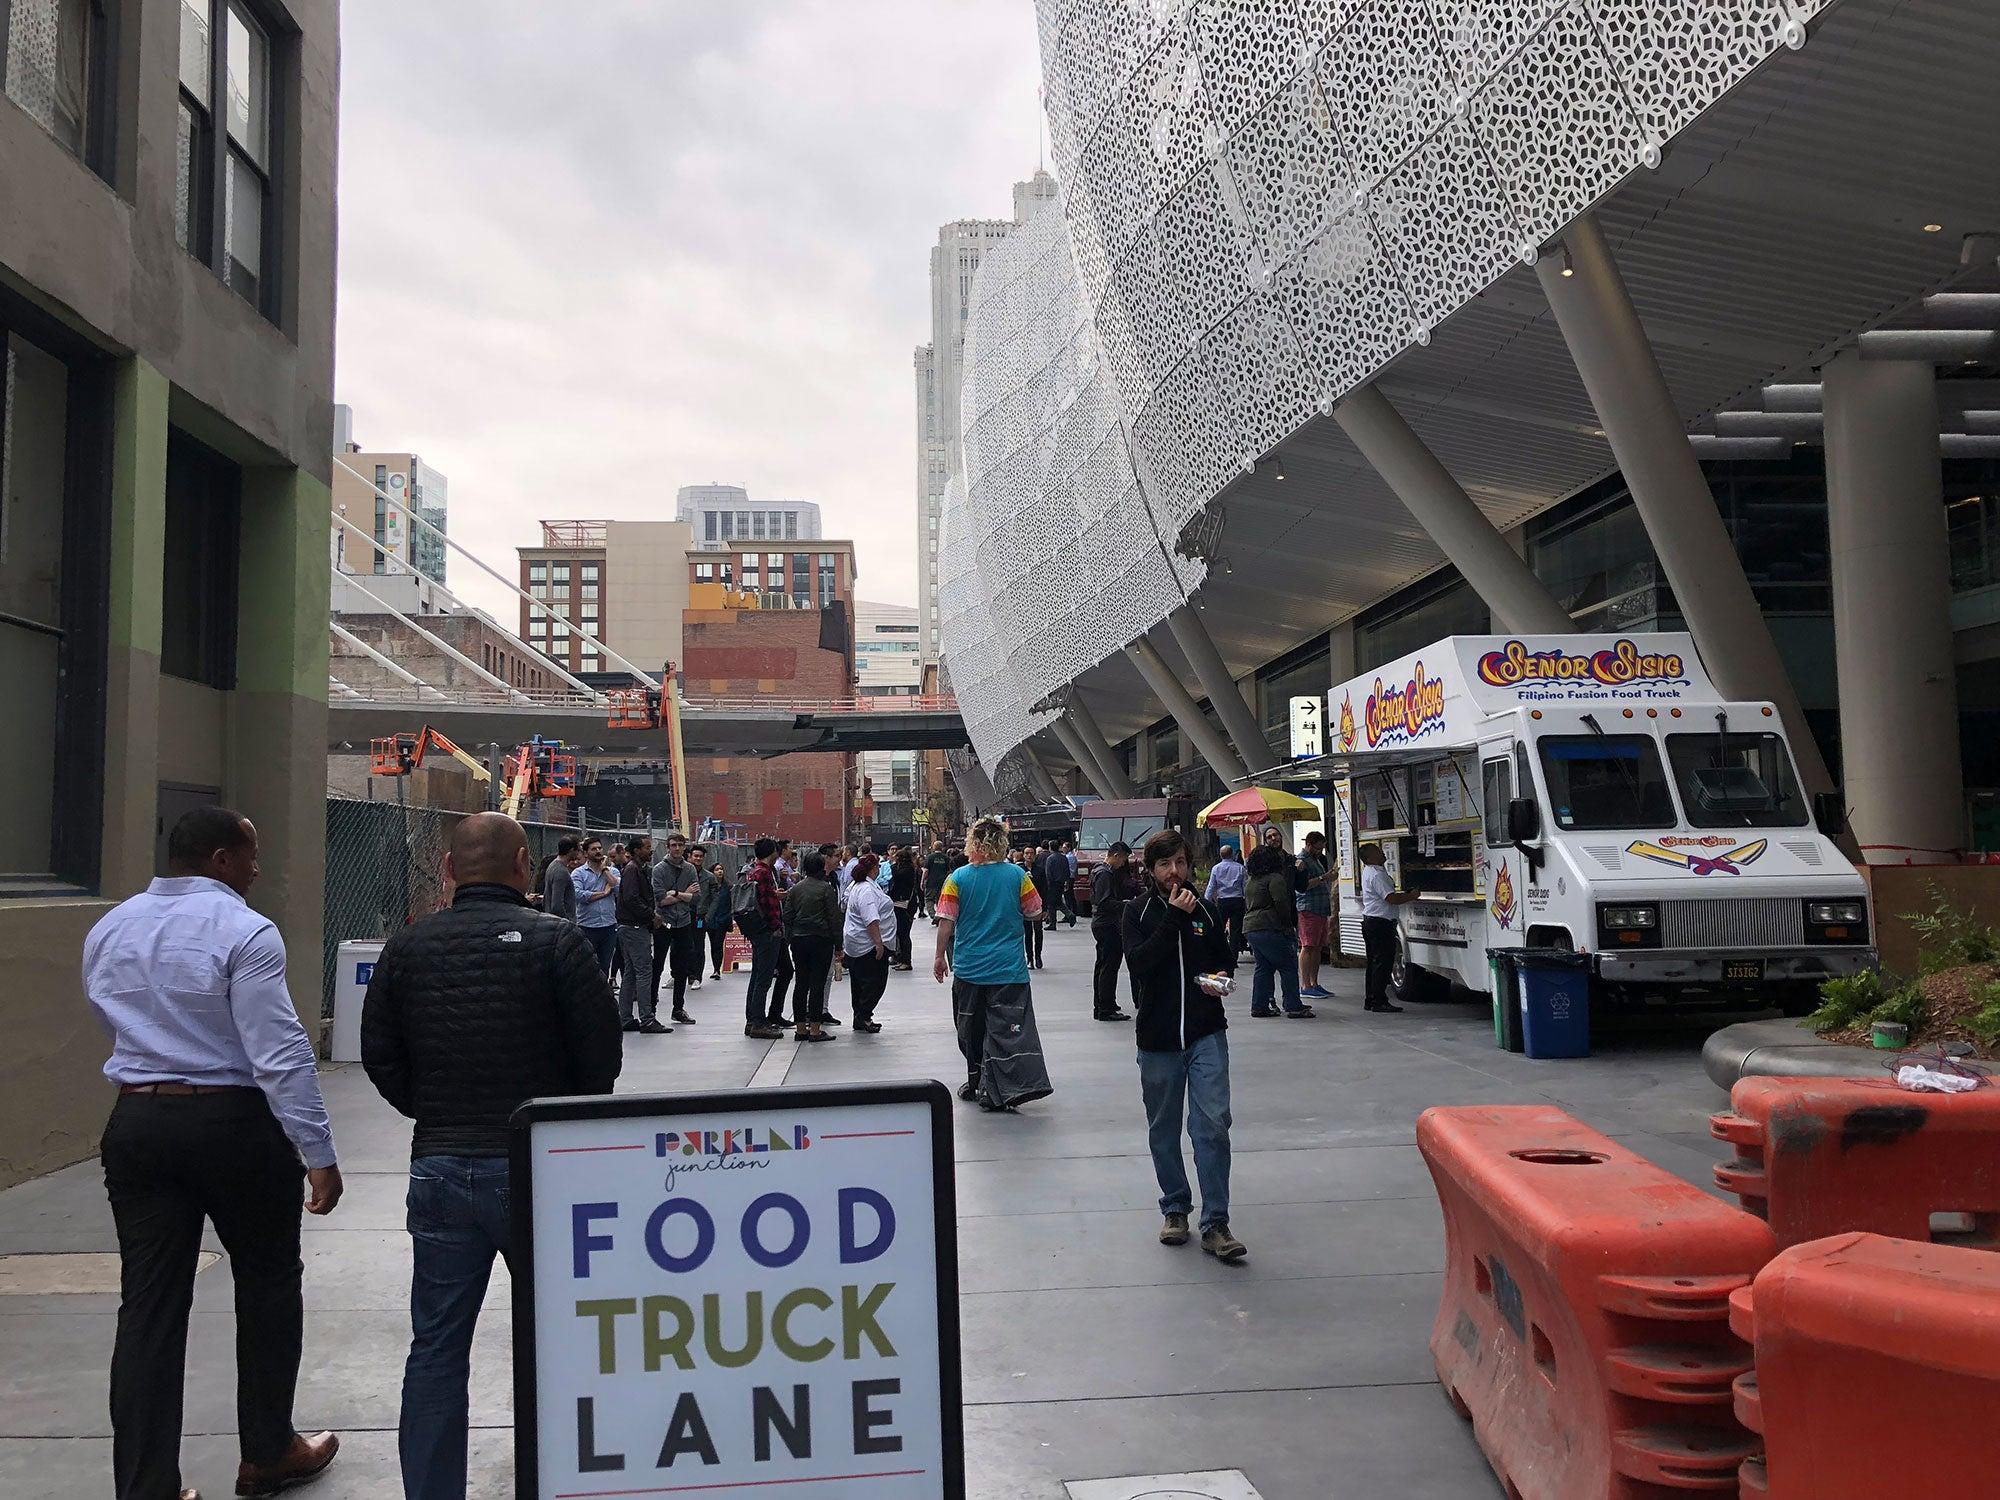 Salesforce Transit Center food truck lane